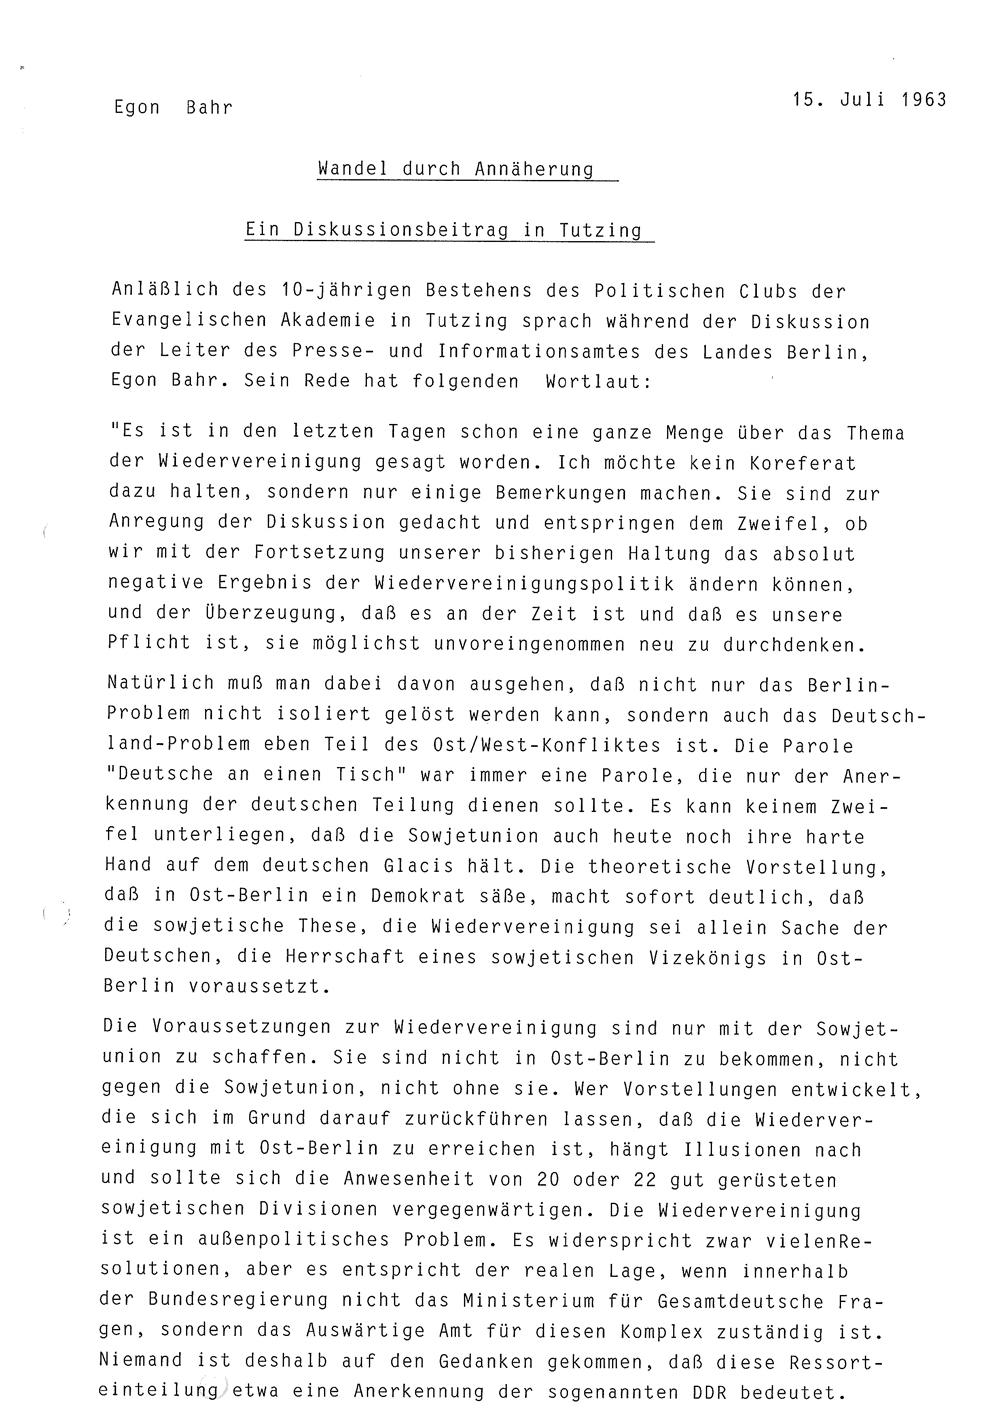 Zusammenfassung Egon Bahr Wandel Durch Annäherung Rede In Der